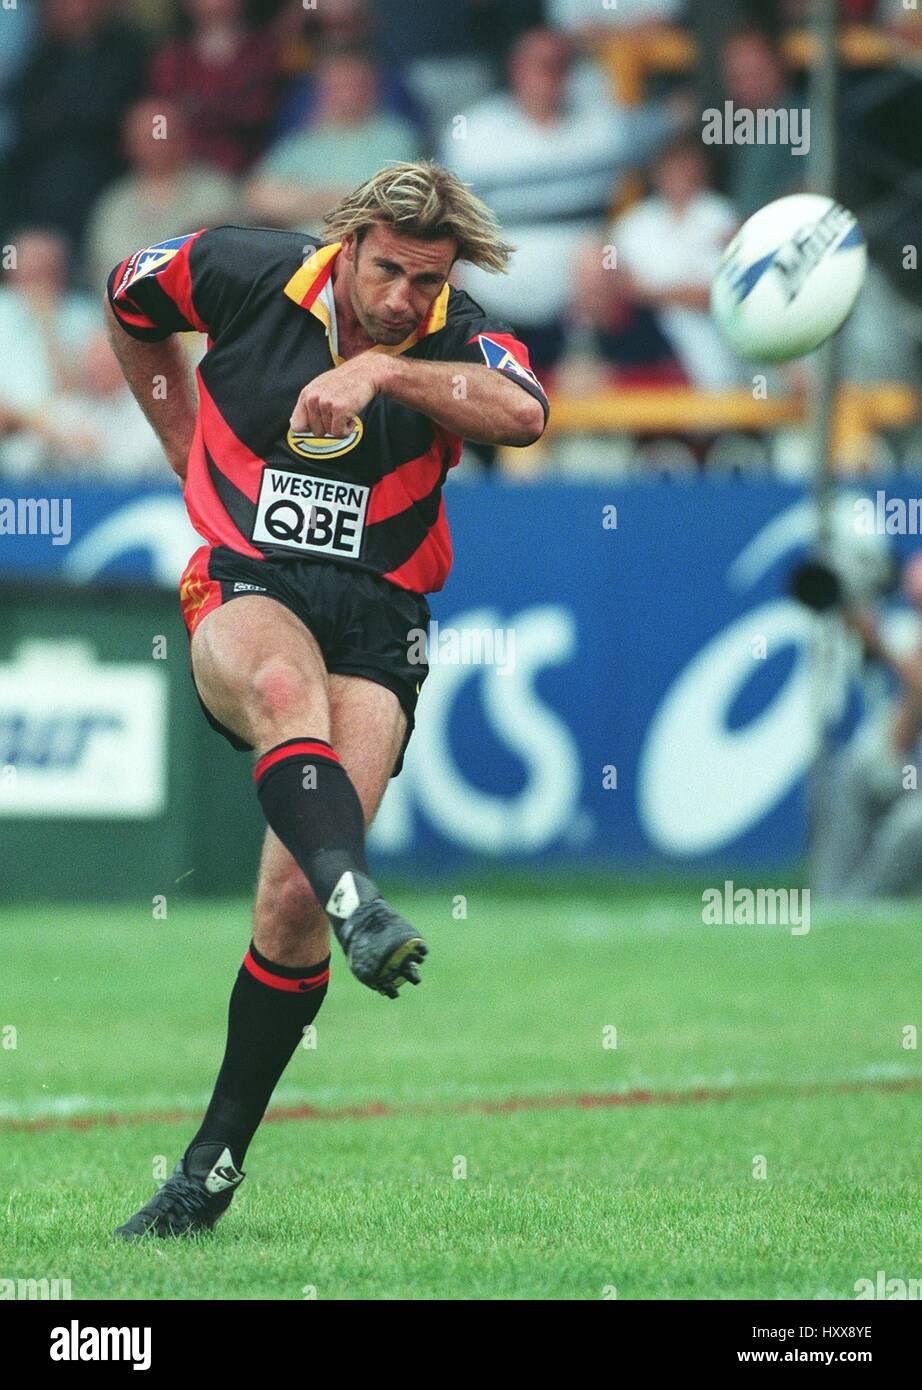 CHRIS RYAN WESTERN REDS RLFC 09 June 1997 - Stock Image